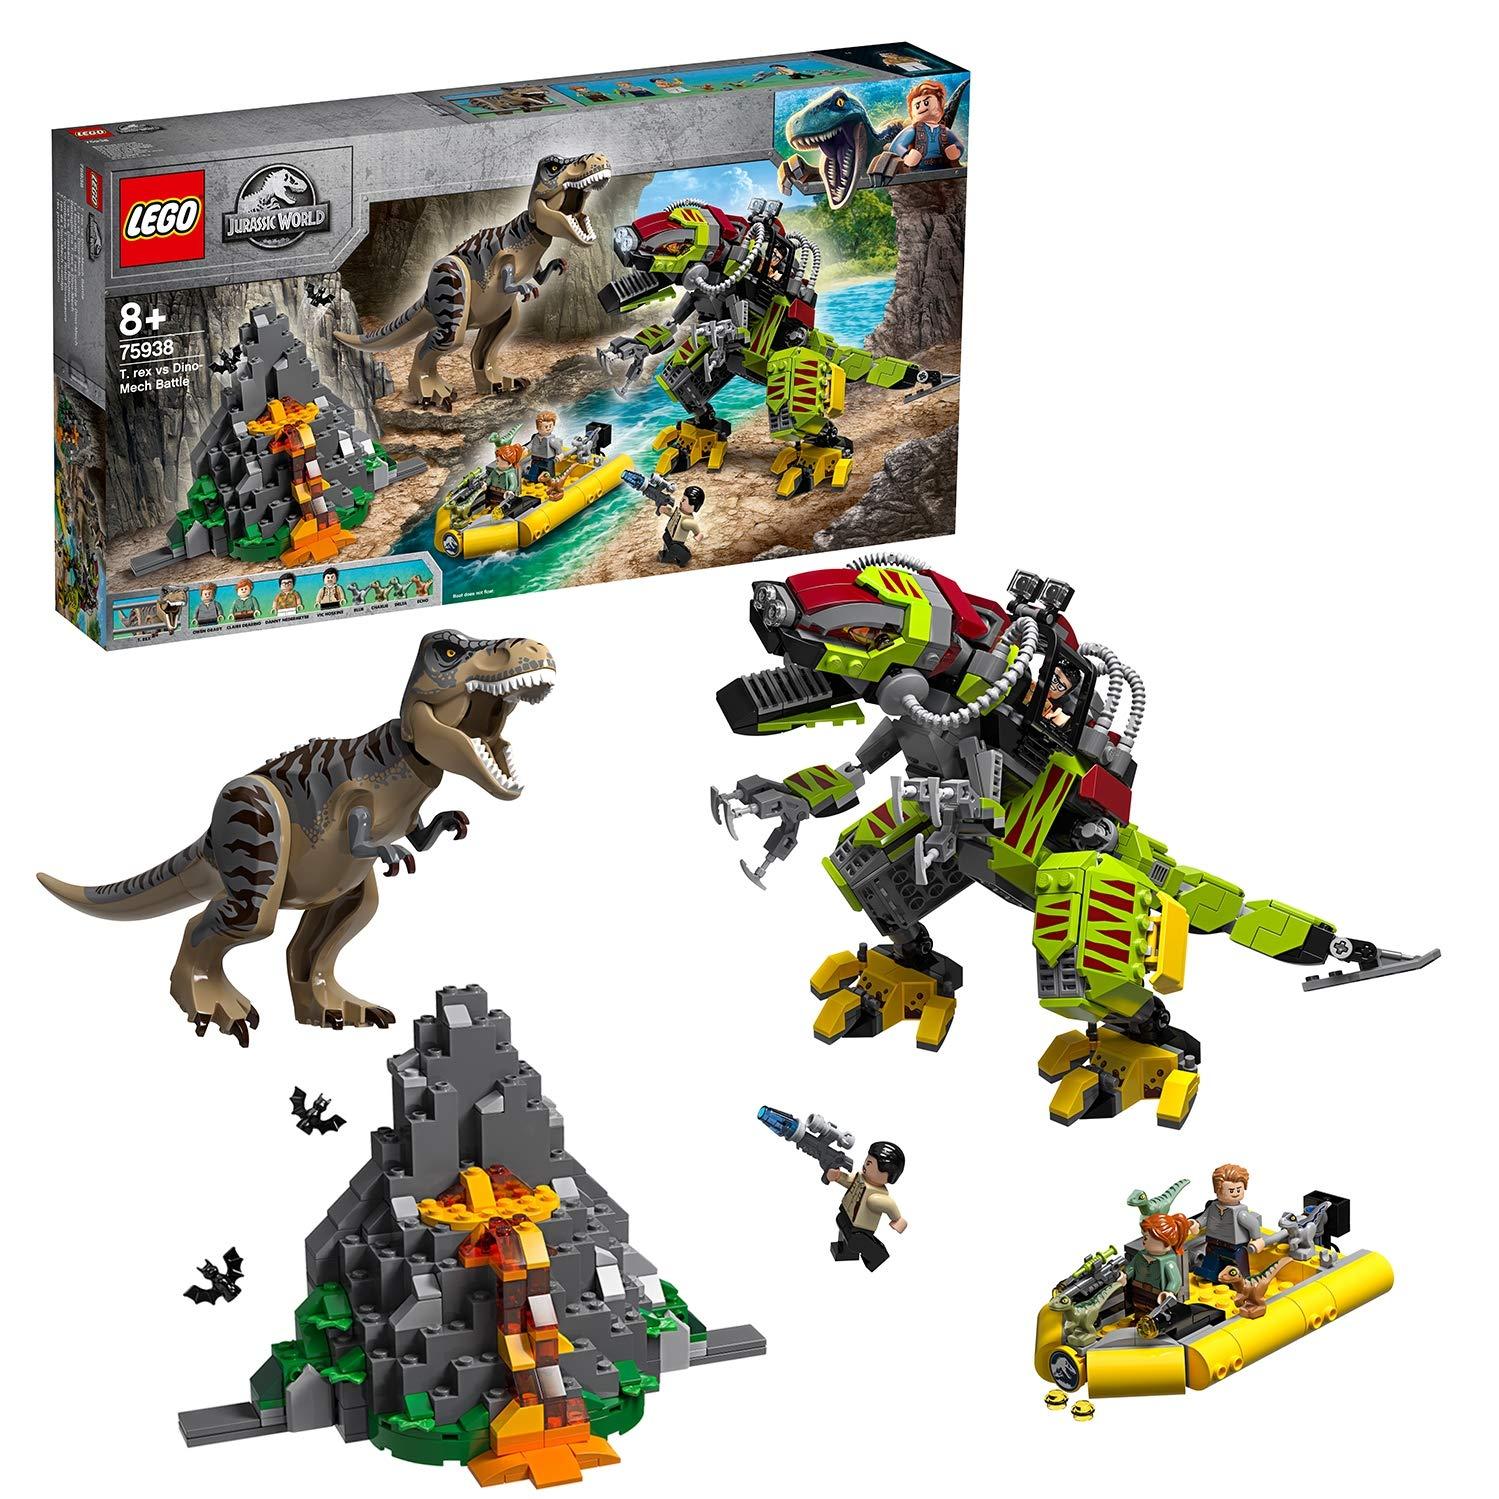 consegna gratuita ampia selezione miglior sito LEGO Jurassic World - Gioco per Bambini Battaglia tra T.Rex e Dino ...